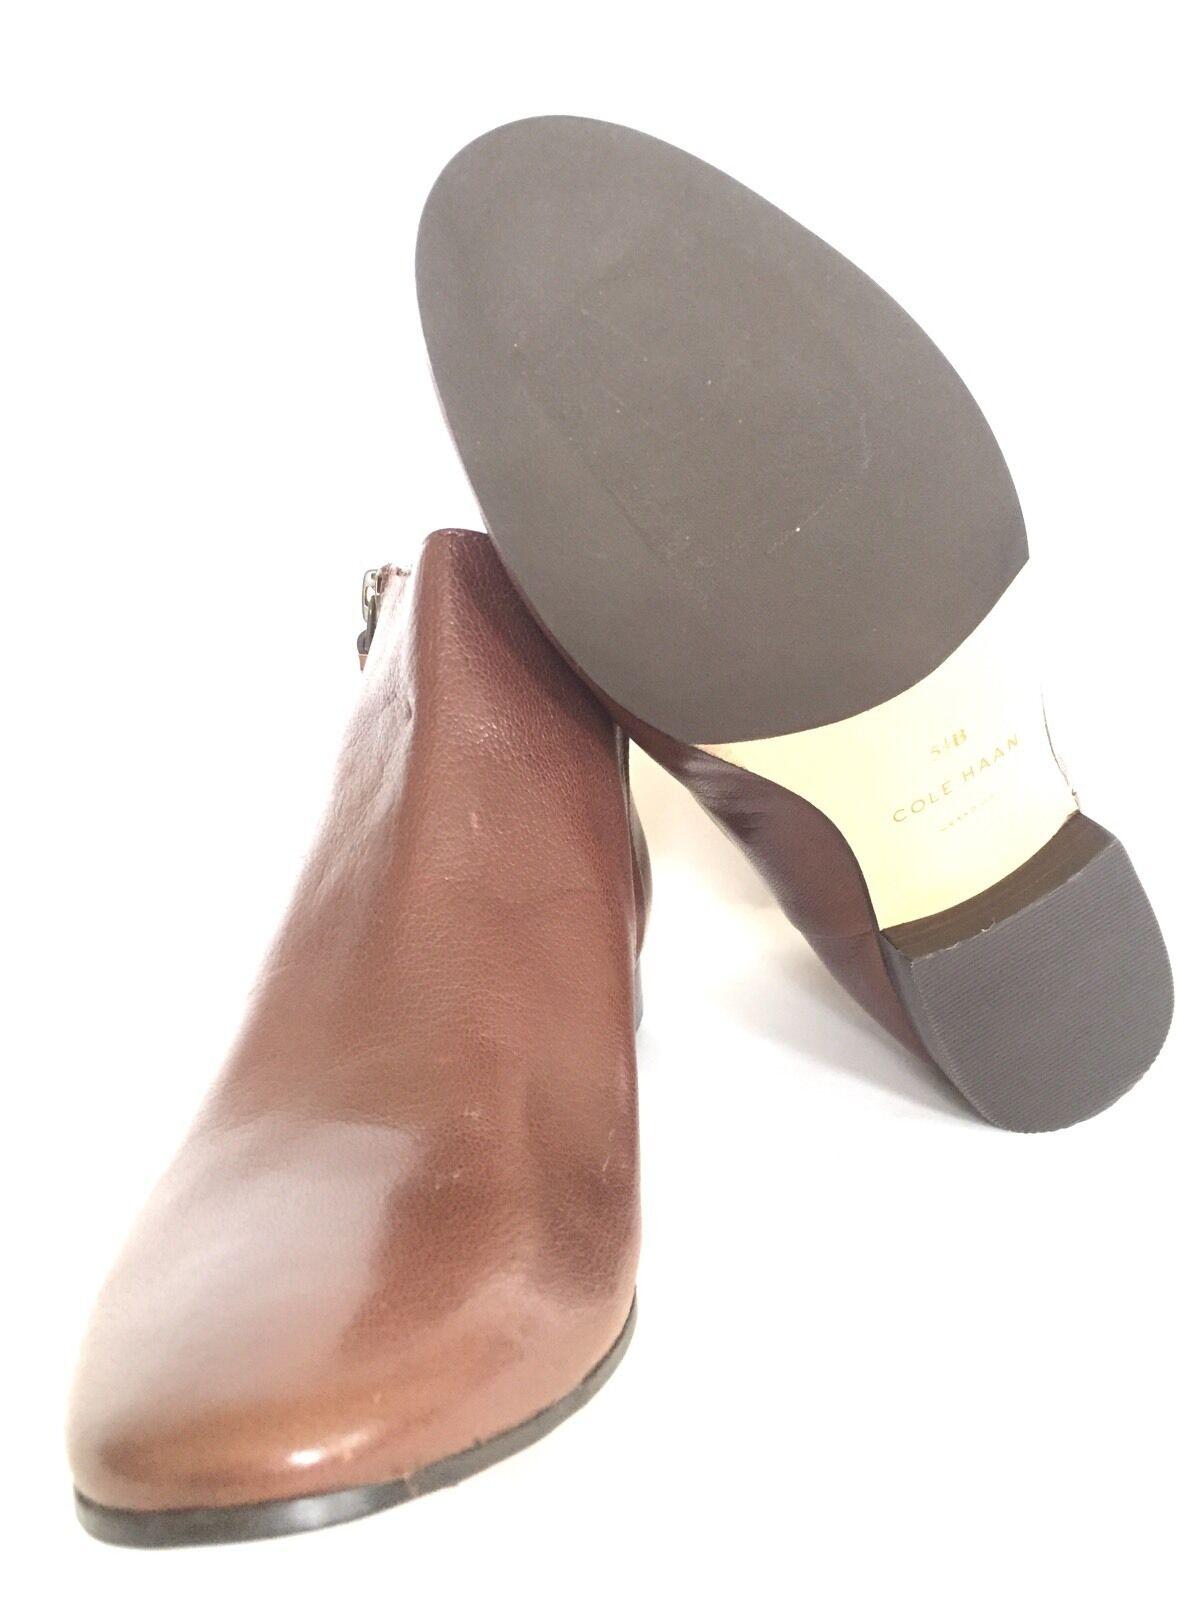 COLE Chestnut HAAN Damenschuhe Belmont Bootie Chestnut COLE Braun Leder Ankle Stiefel Größe 5.5 M  d799c5